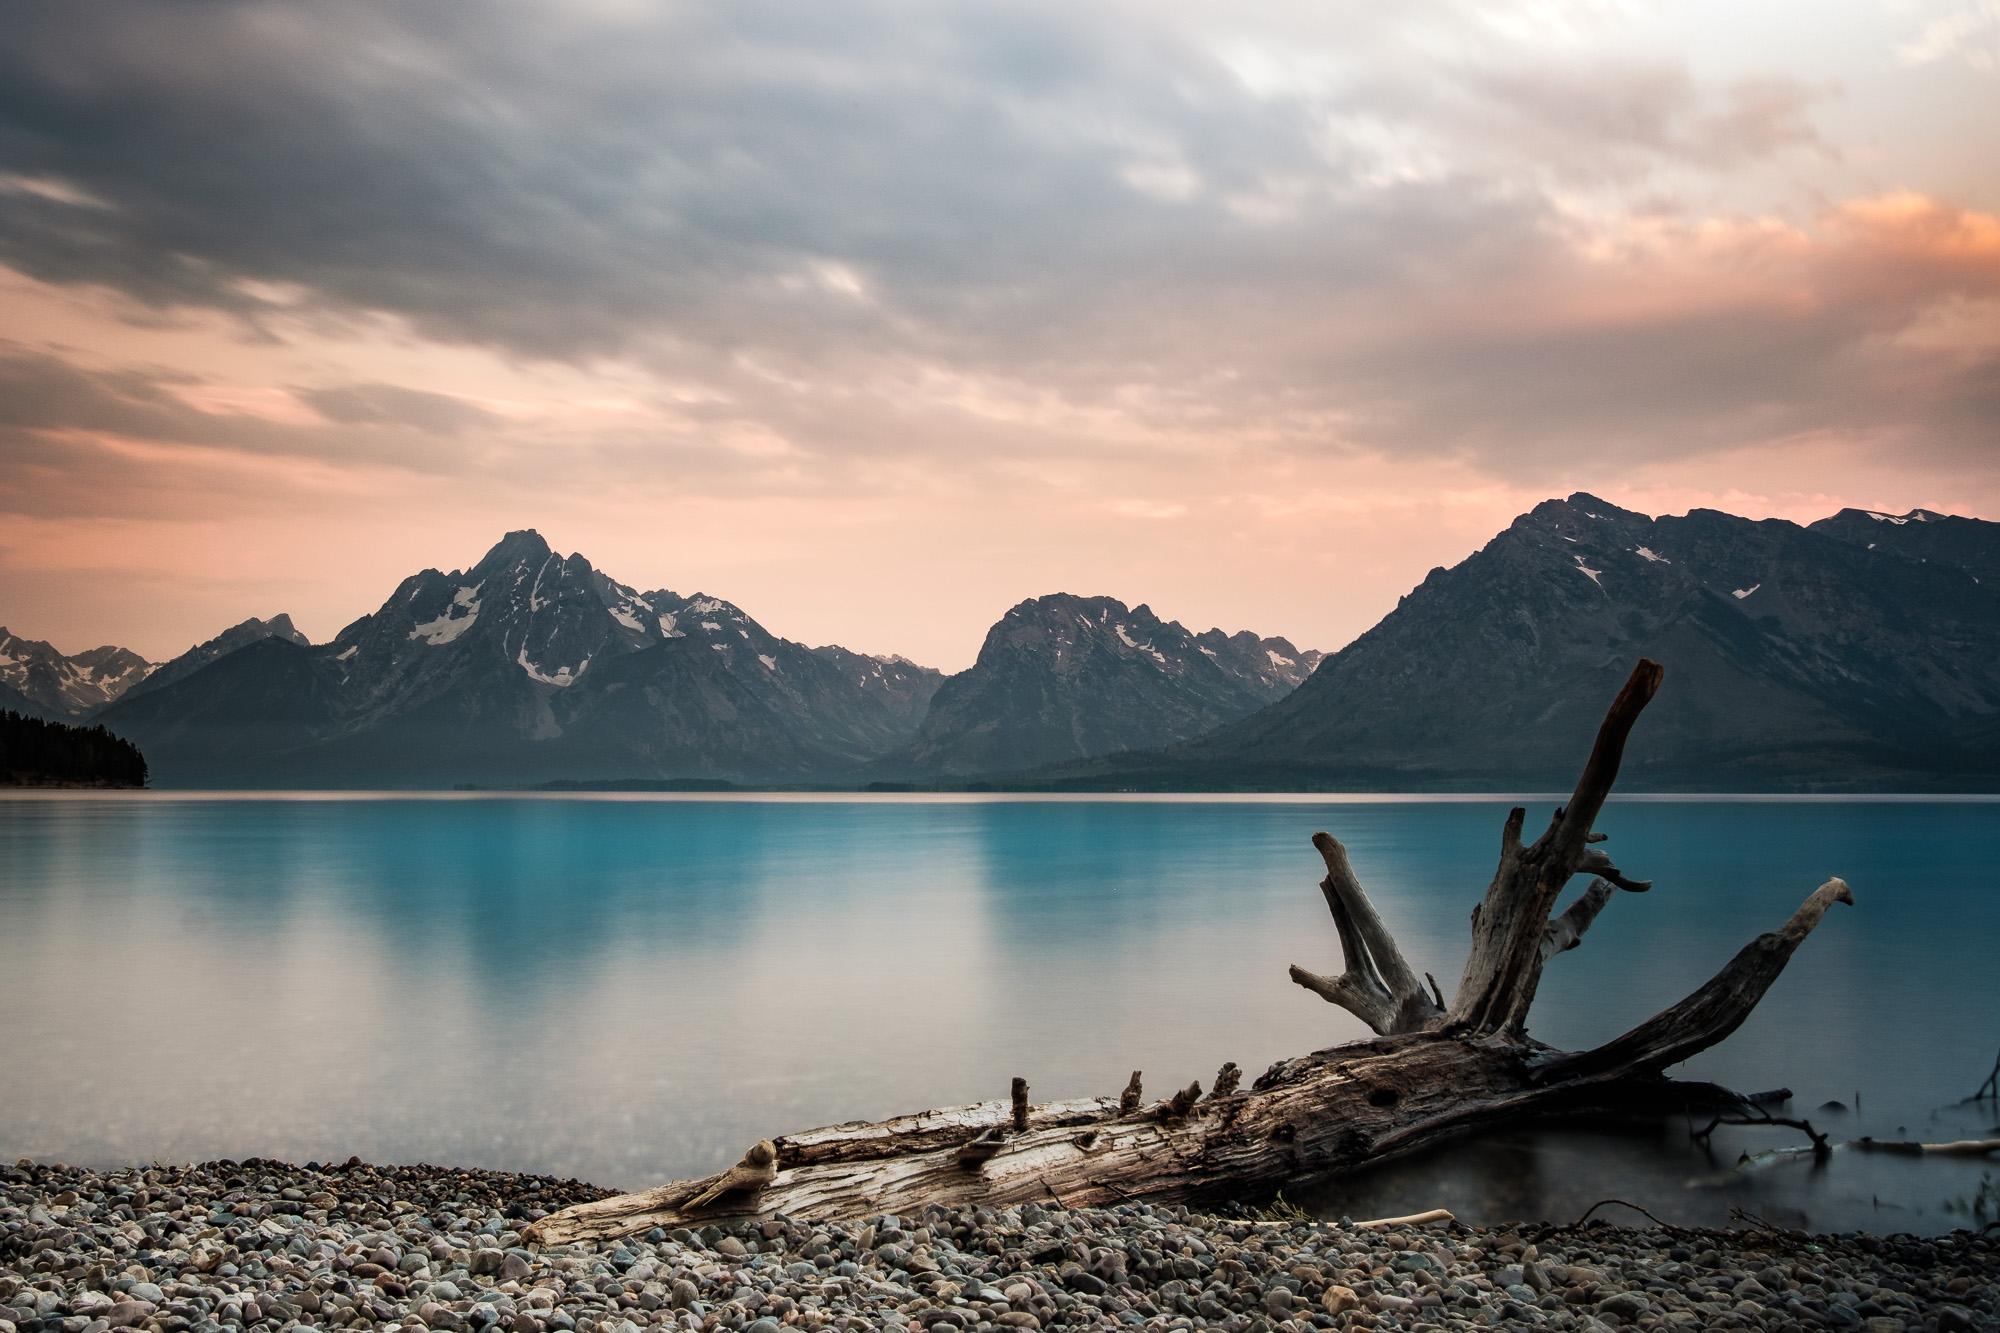 Juste avant le lever du soleil, sur le bord du lac Jackson, Grand Teton National Park